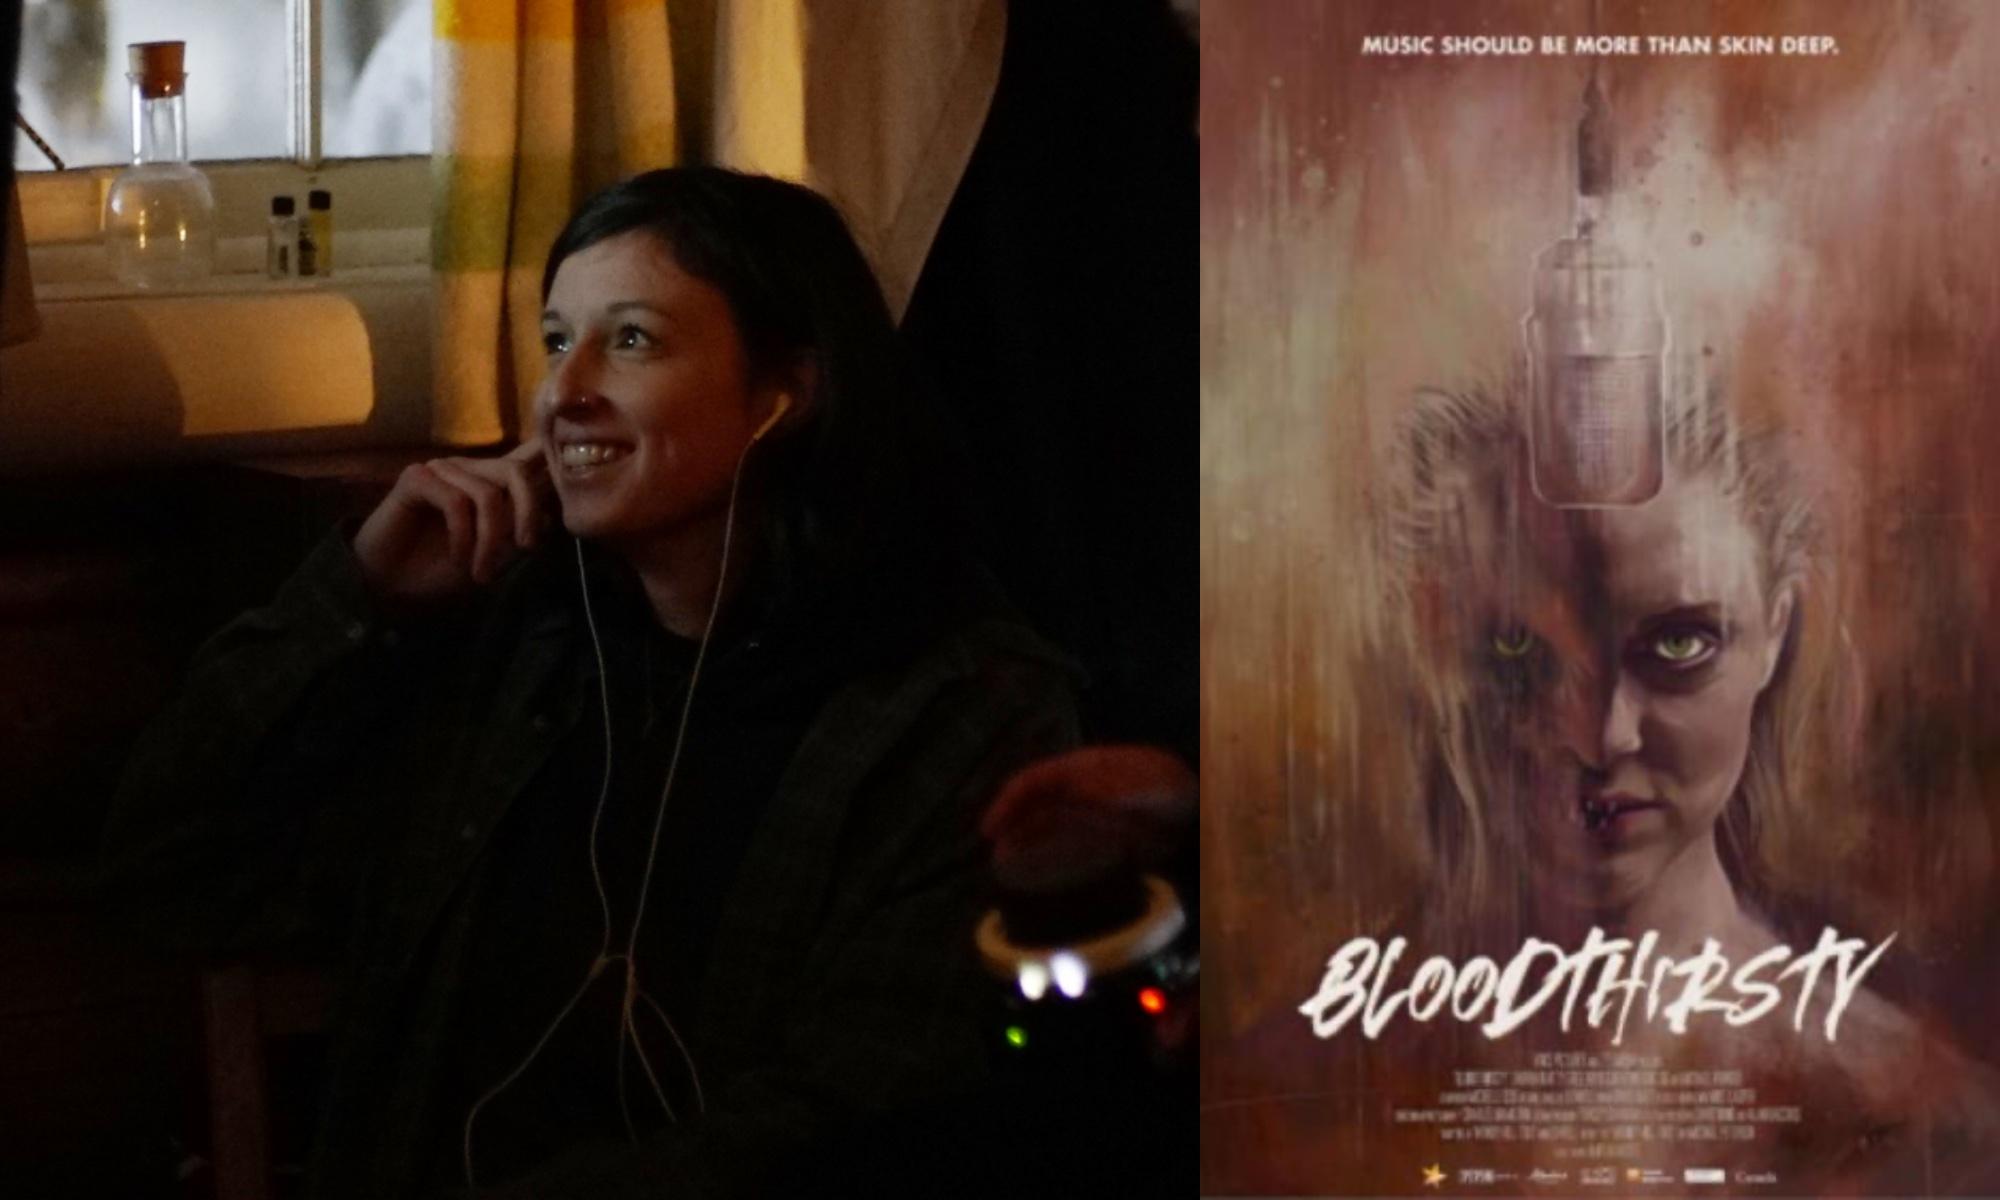 Amelia Moses / Bloodthirsty